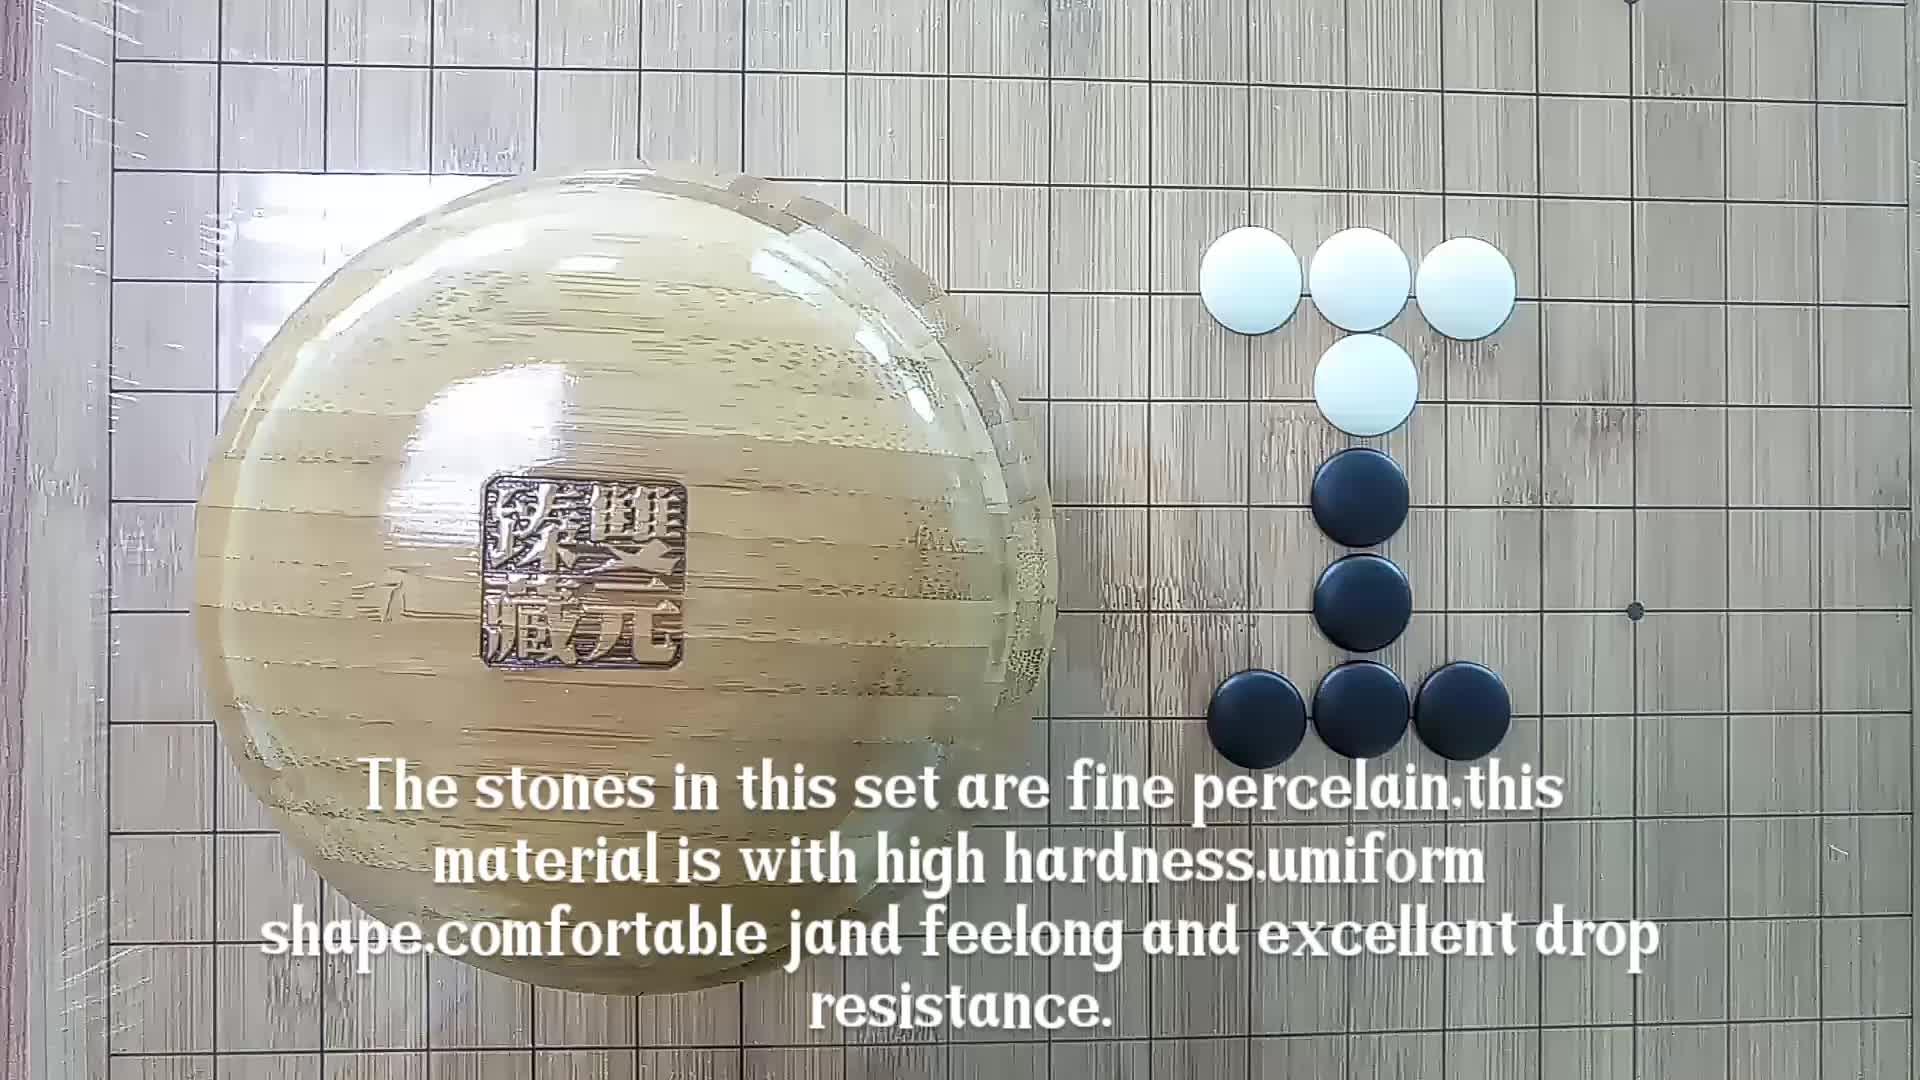 Peças de cerâmica ir jogo de tabuleiro de xadrez de bambu e madeira de faia Chinês go jogo de xadrez jogo de xadrez para crianças